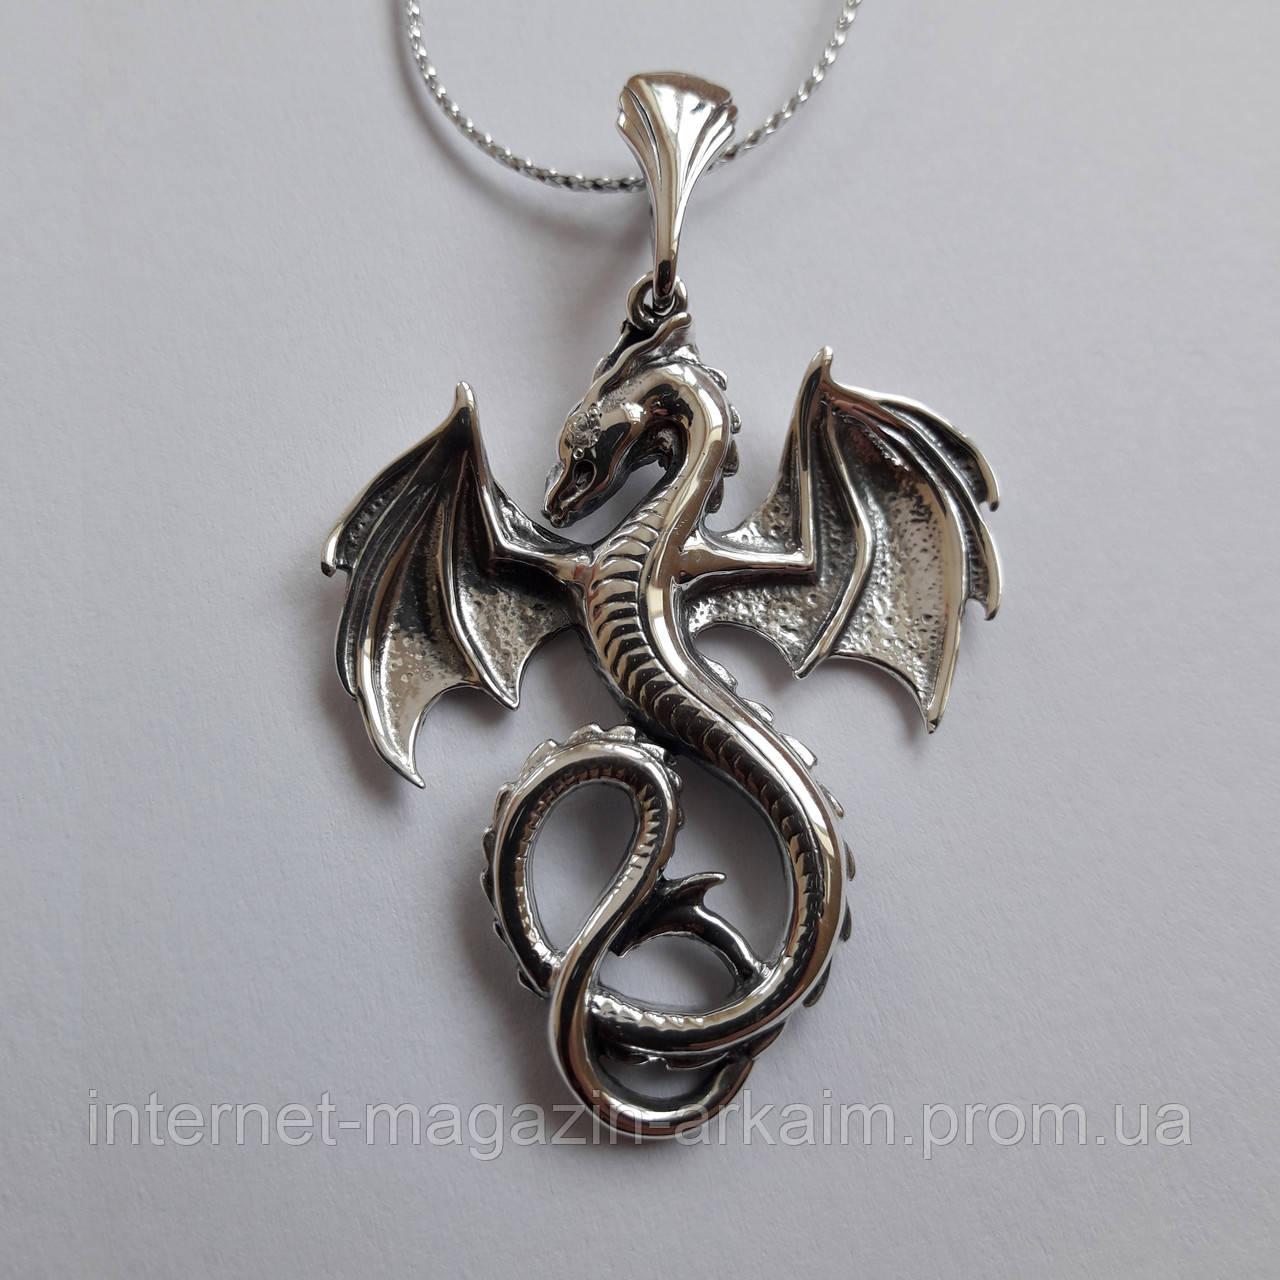 талисман дракона фото